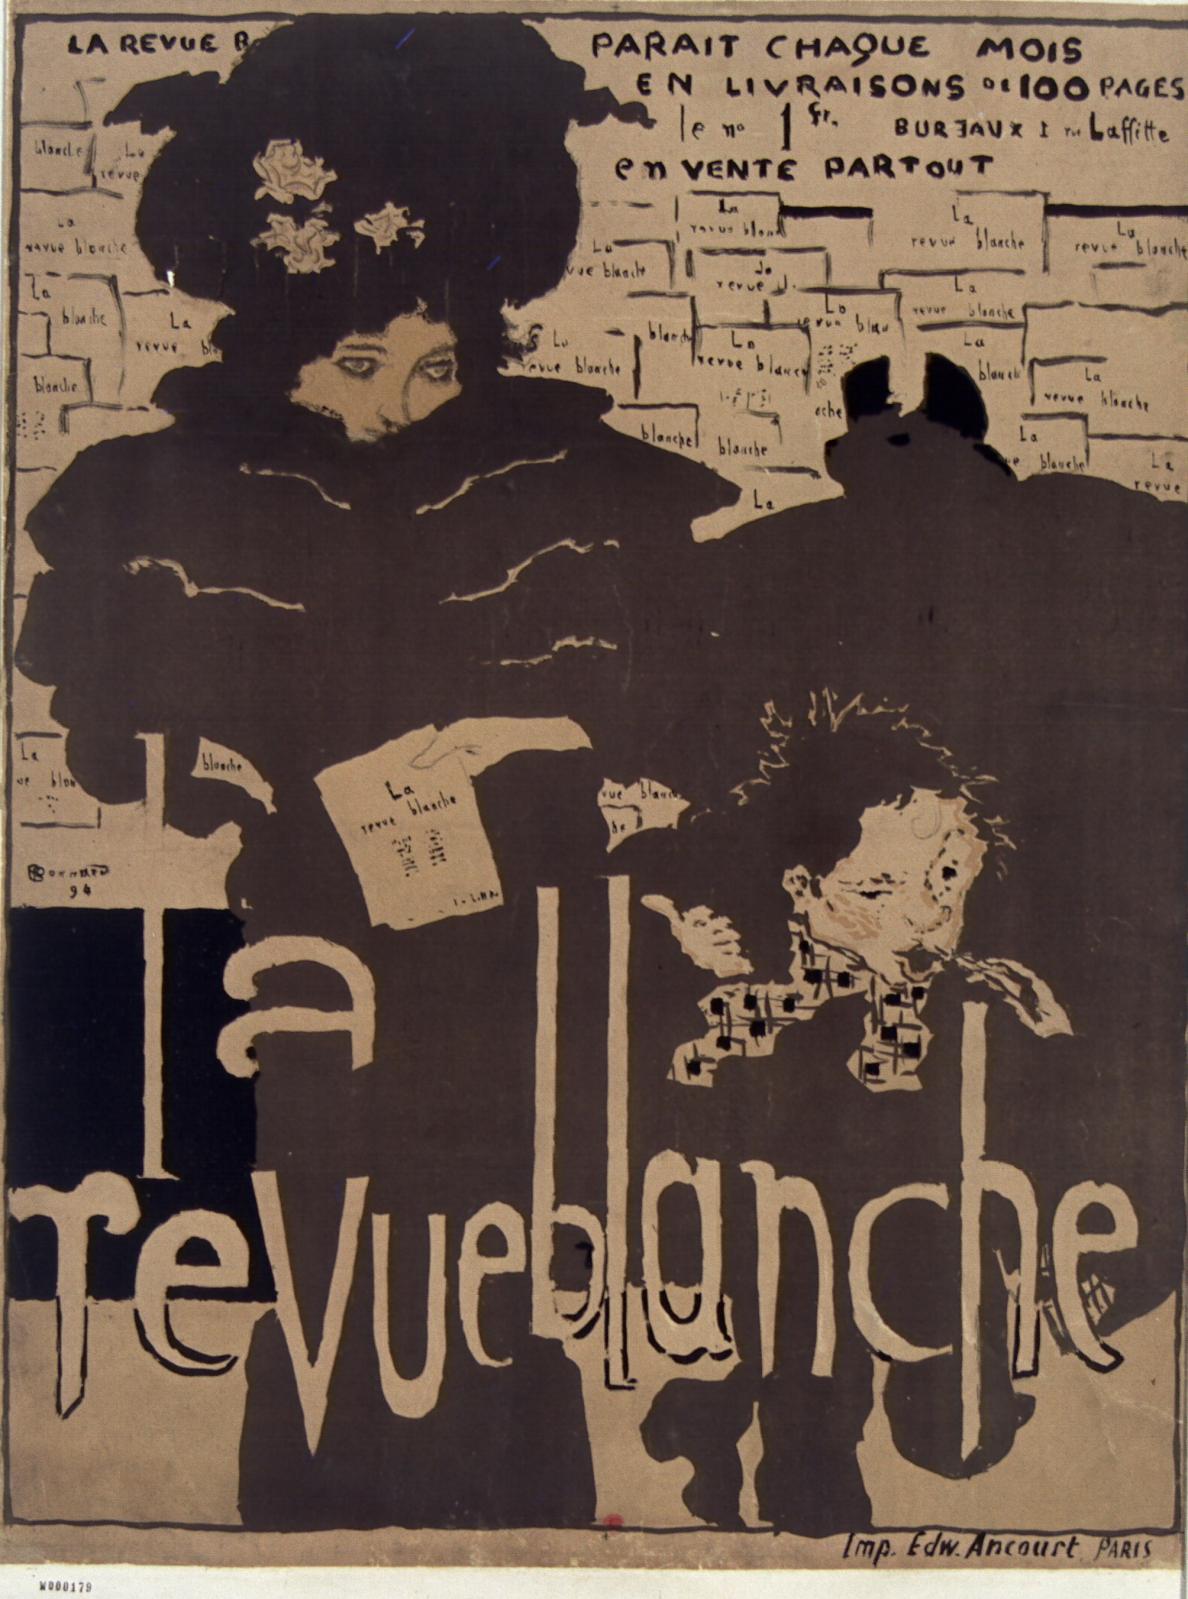 Pierre Bonnard, La Revue Blanche, 1891, lithographie en quatre couleurs, 80x60cm.